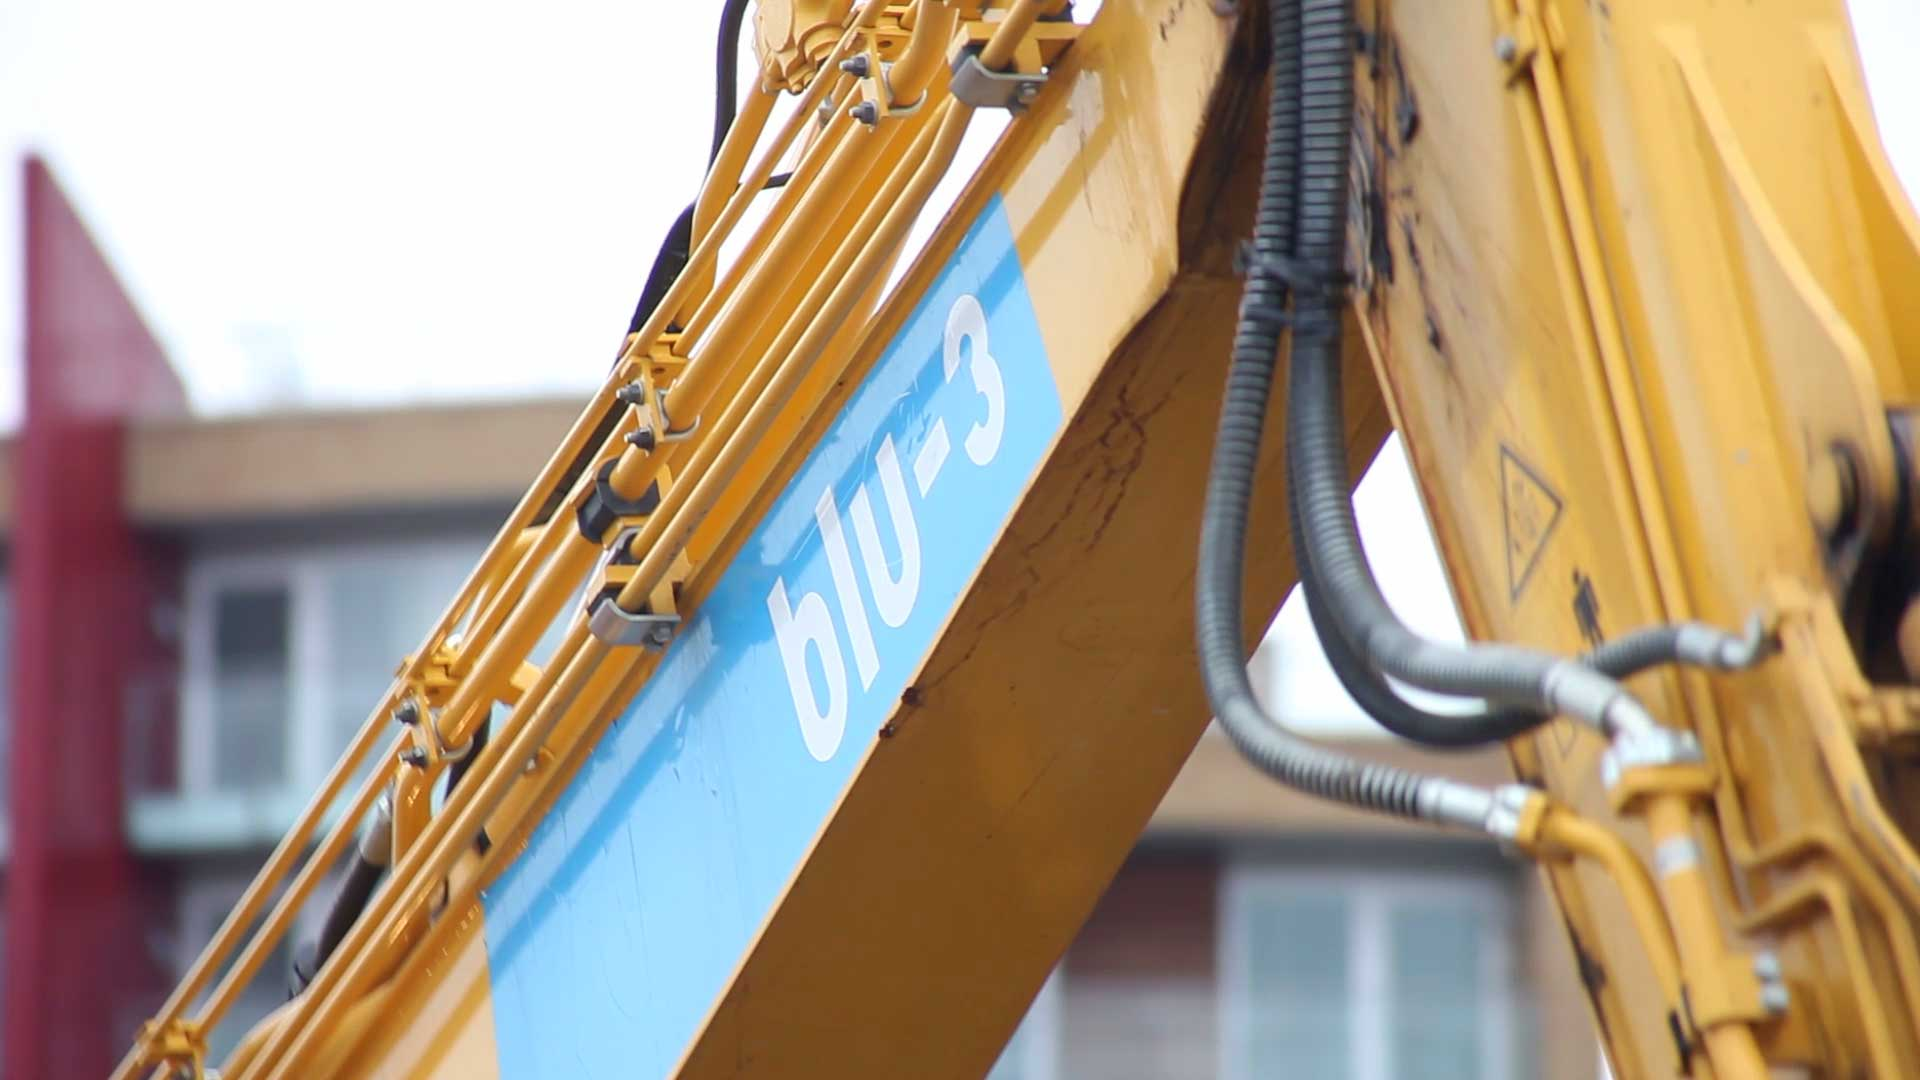 blu-3 - innovation to deliver safer construction